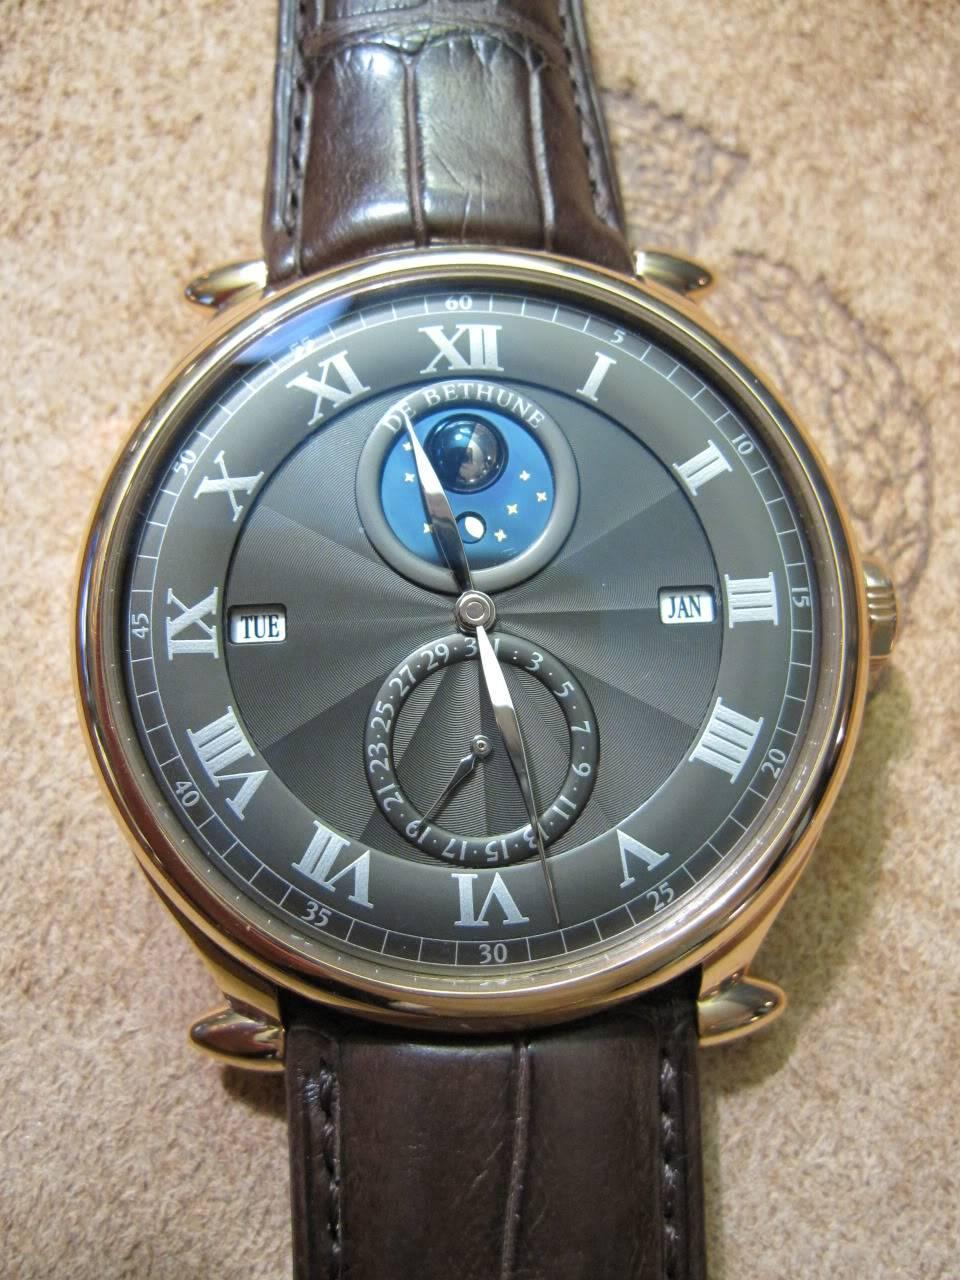 Où l'horlogerie devient art... (De Bethune inside) - Page 2 DB_SIHH2010_018